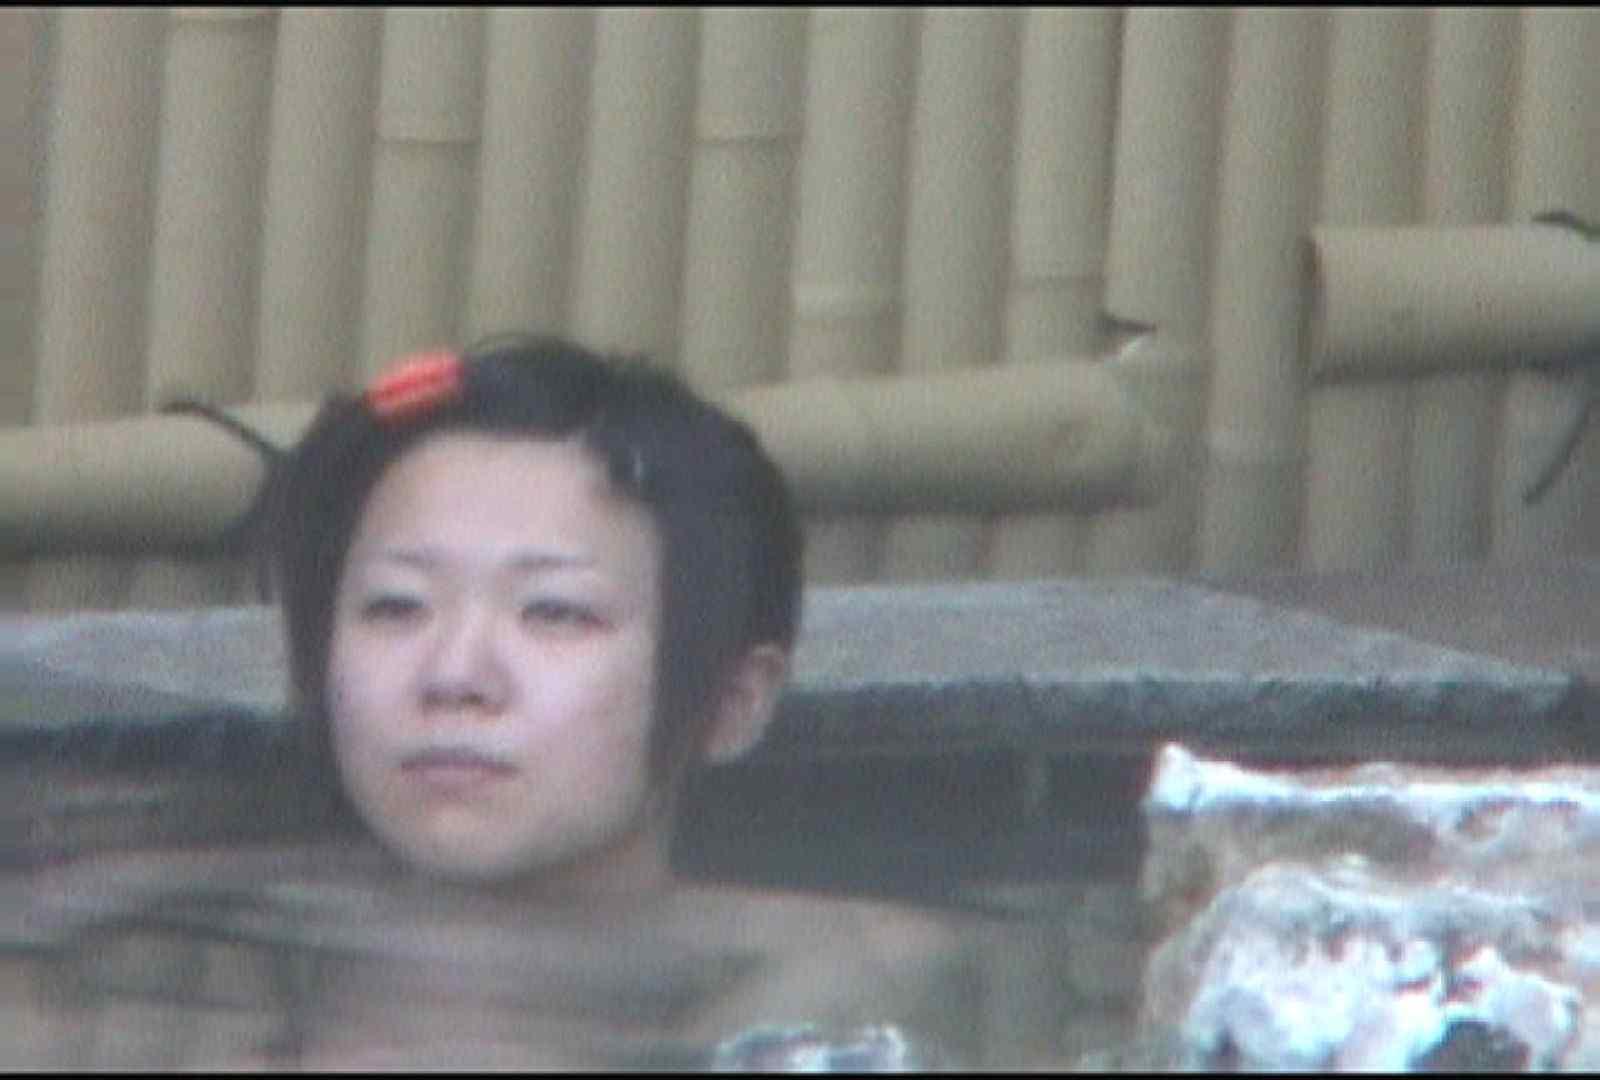 Aquaな露天風呂Vol.175 盗撮シリーズ  91PIX 48